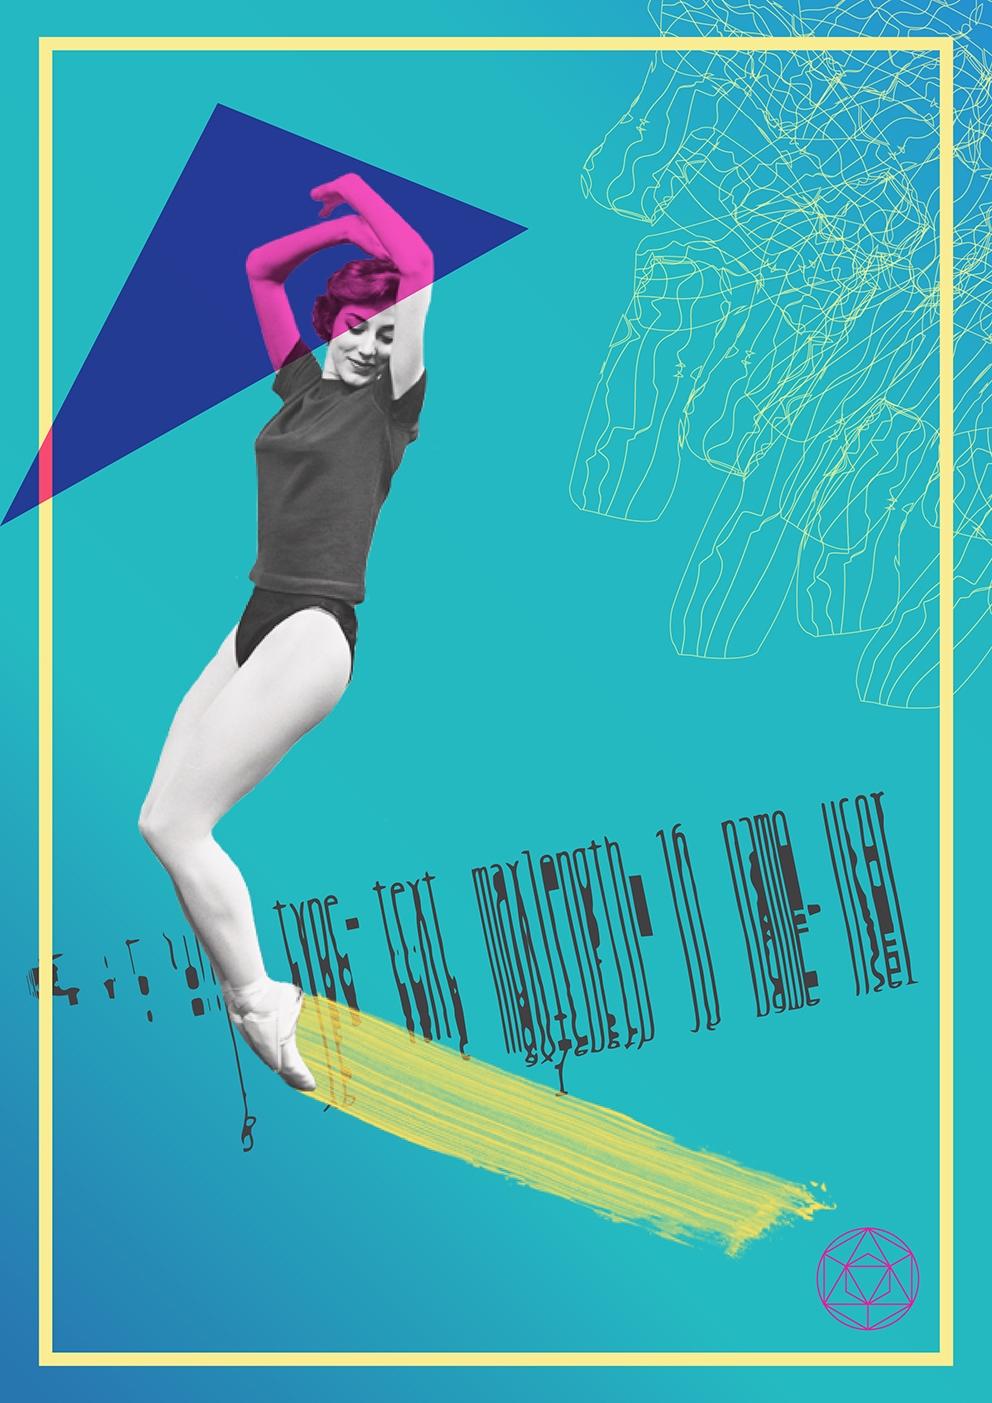 Ballet dancer-med res.jpg